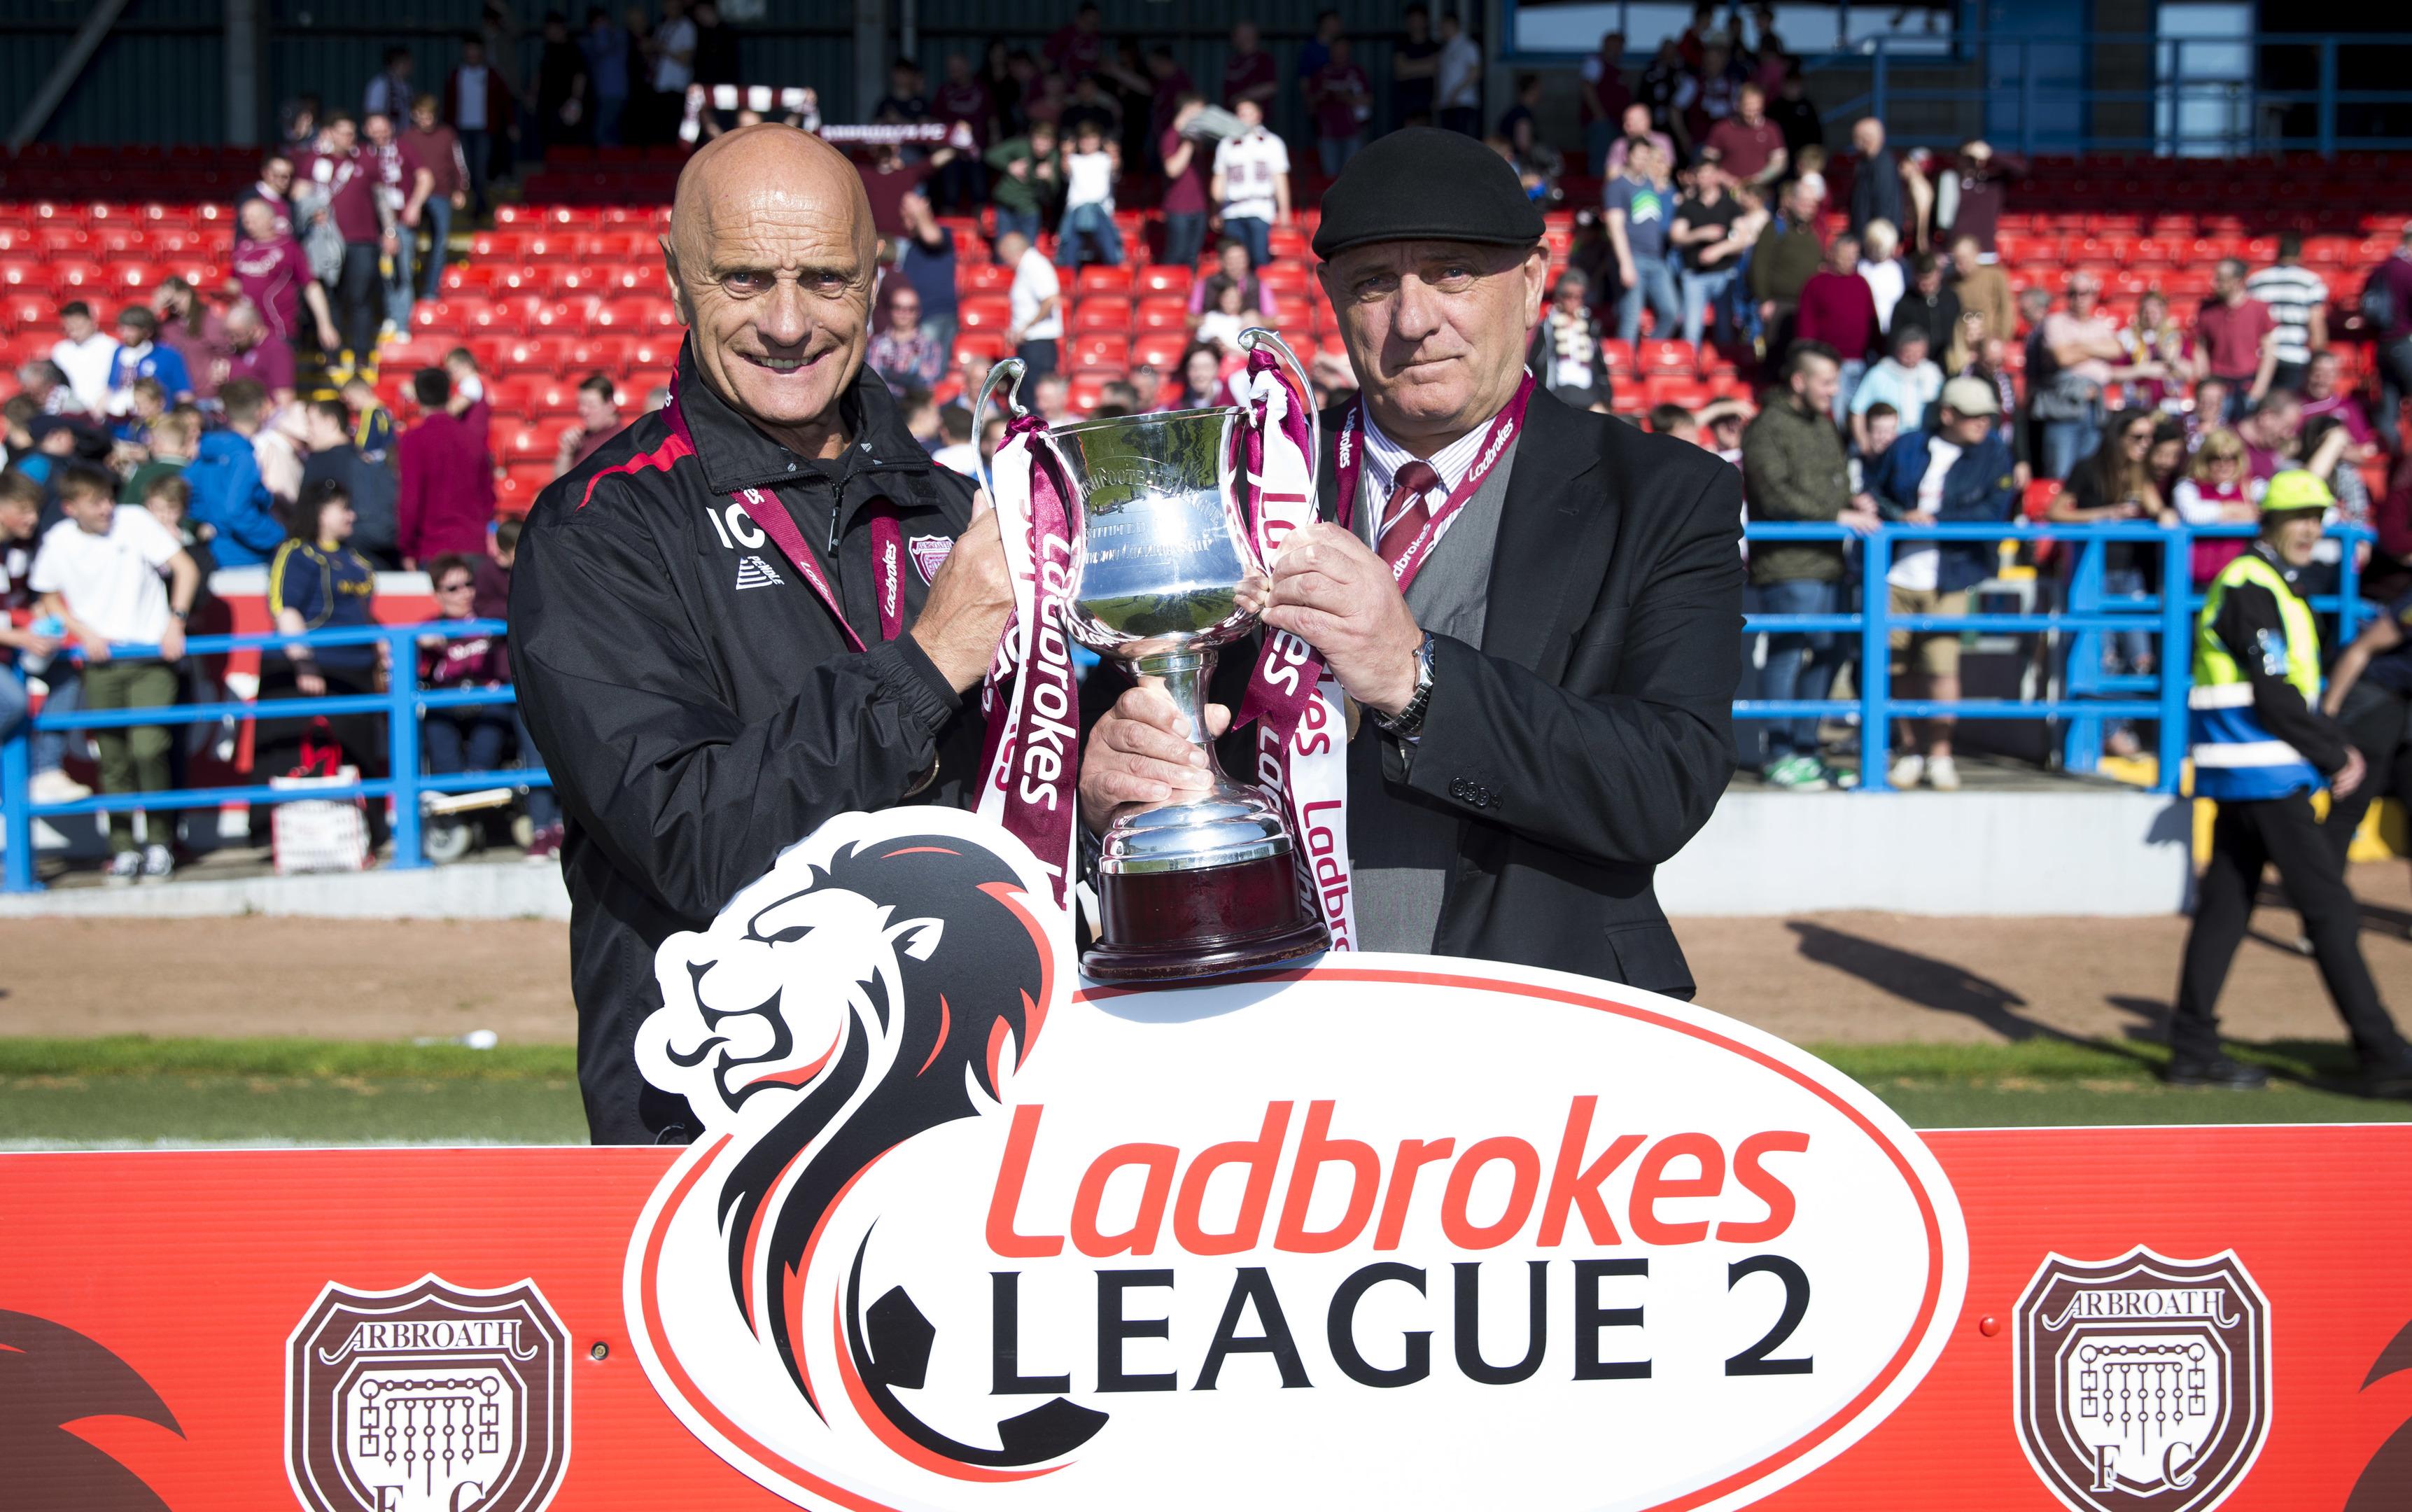 Arbroath were crowned champions last weekend.